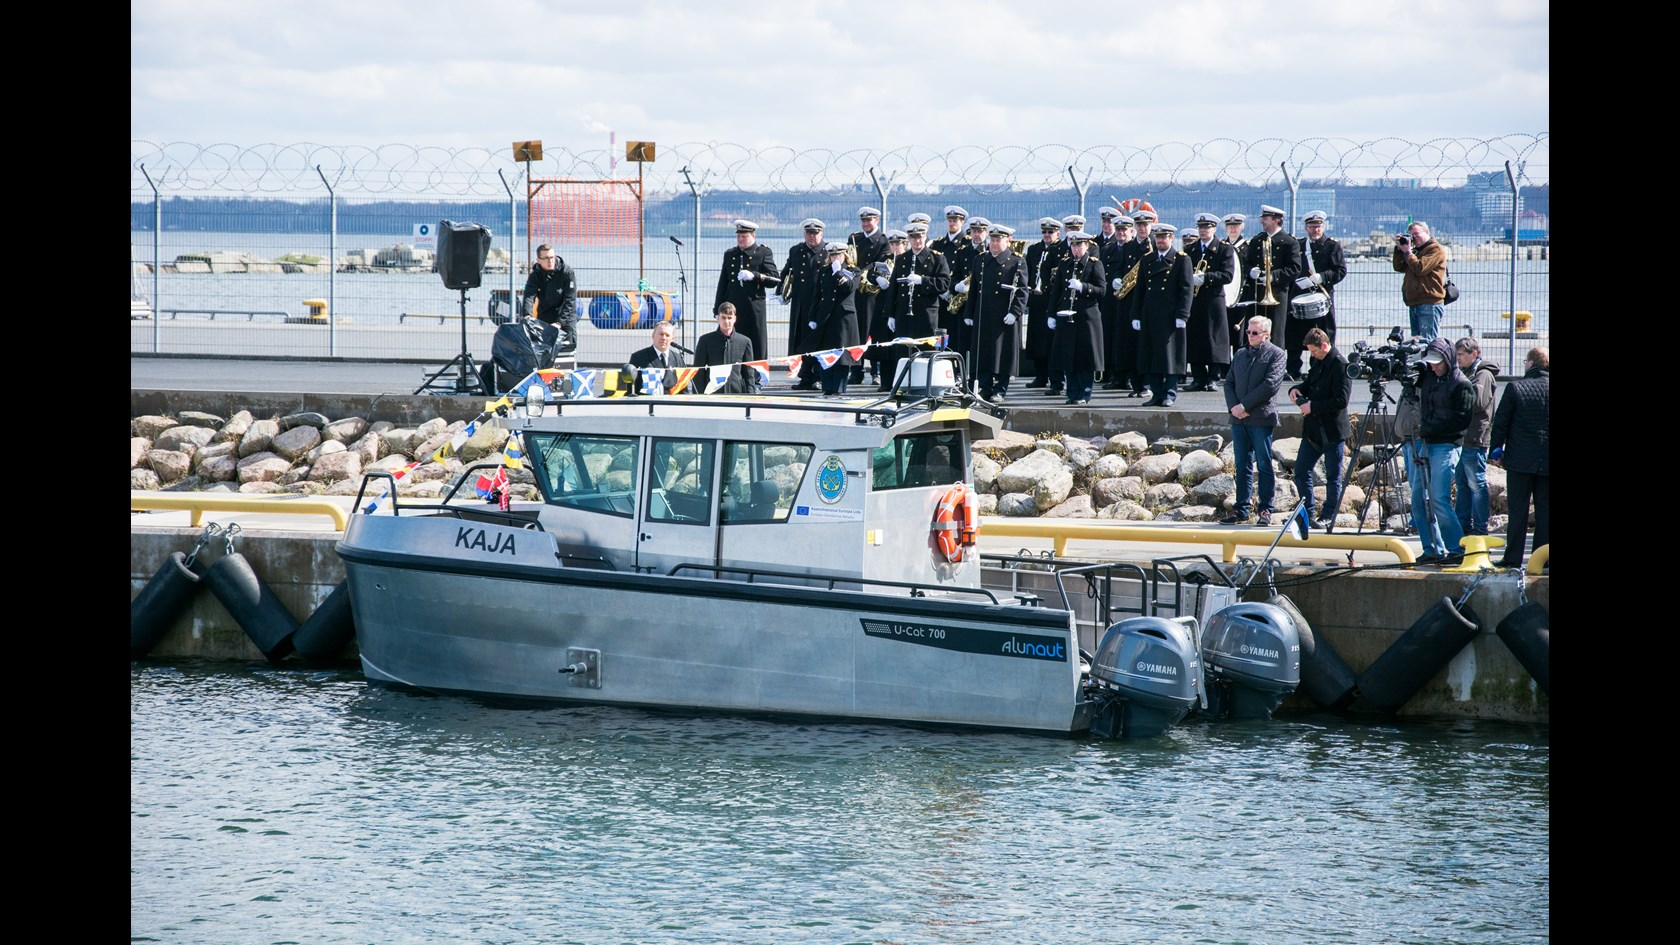 Tallinnas Hundipea sadamas esitleti eile veeteede ameti uut mõõdistuslaeva Kaja, mis ehitati valmis Saaremaa laevaehitusfirmas Alunaut. Eile toimus mõõdistuslaeva teenistusse pühitsemise ja nimeandmise tseremoonia. Laeva ristiemaks oli palutud pika staažiga […]